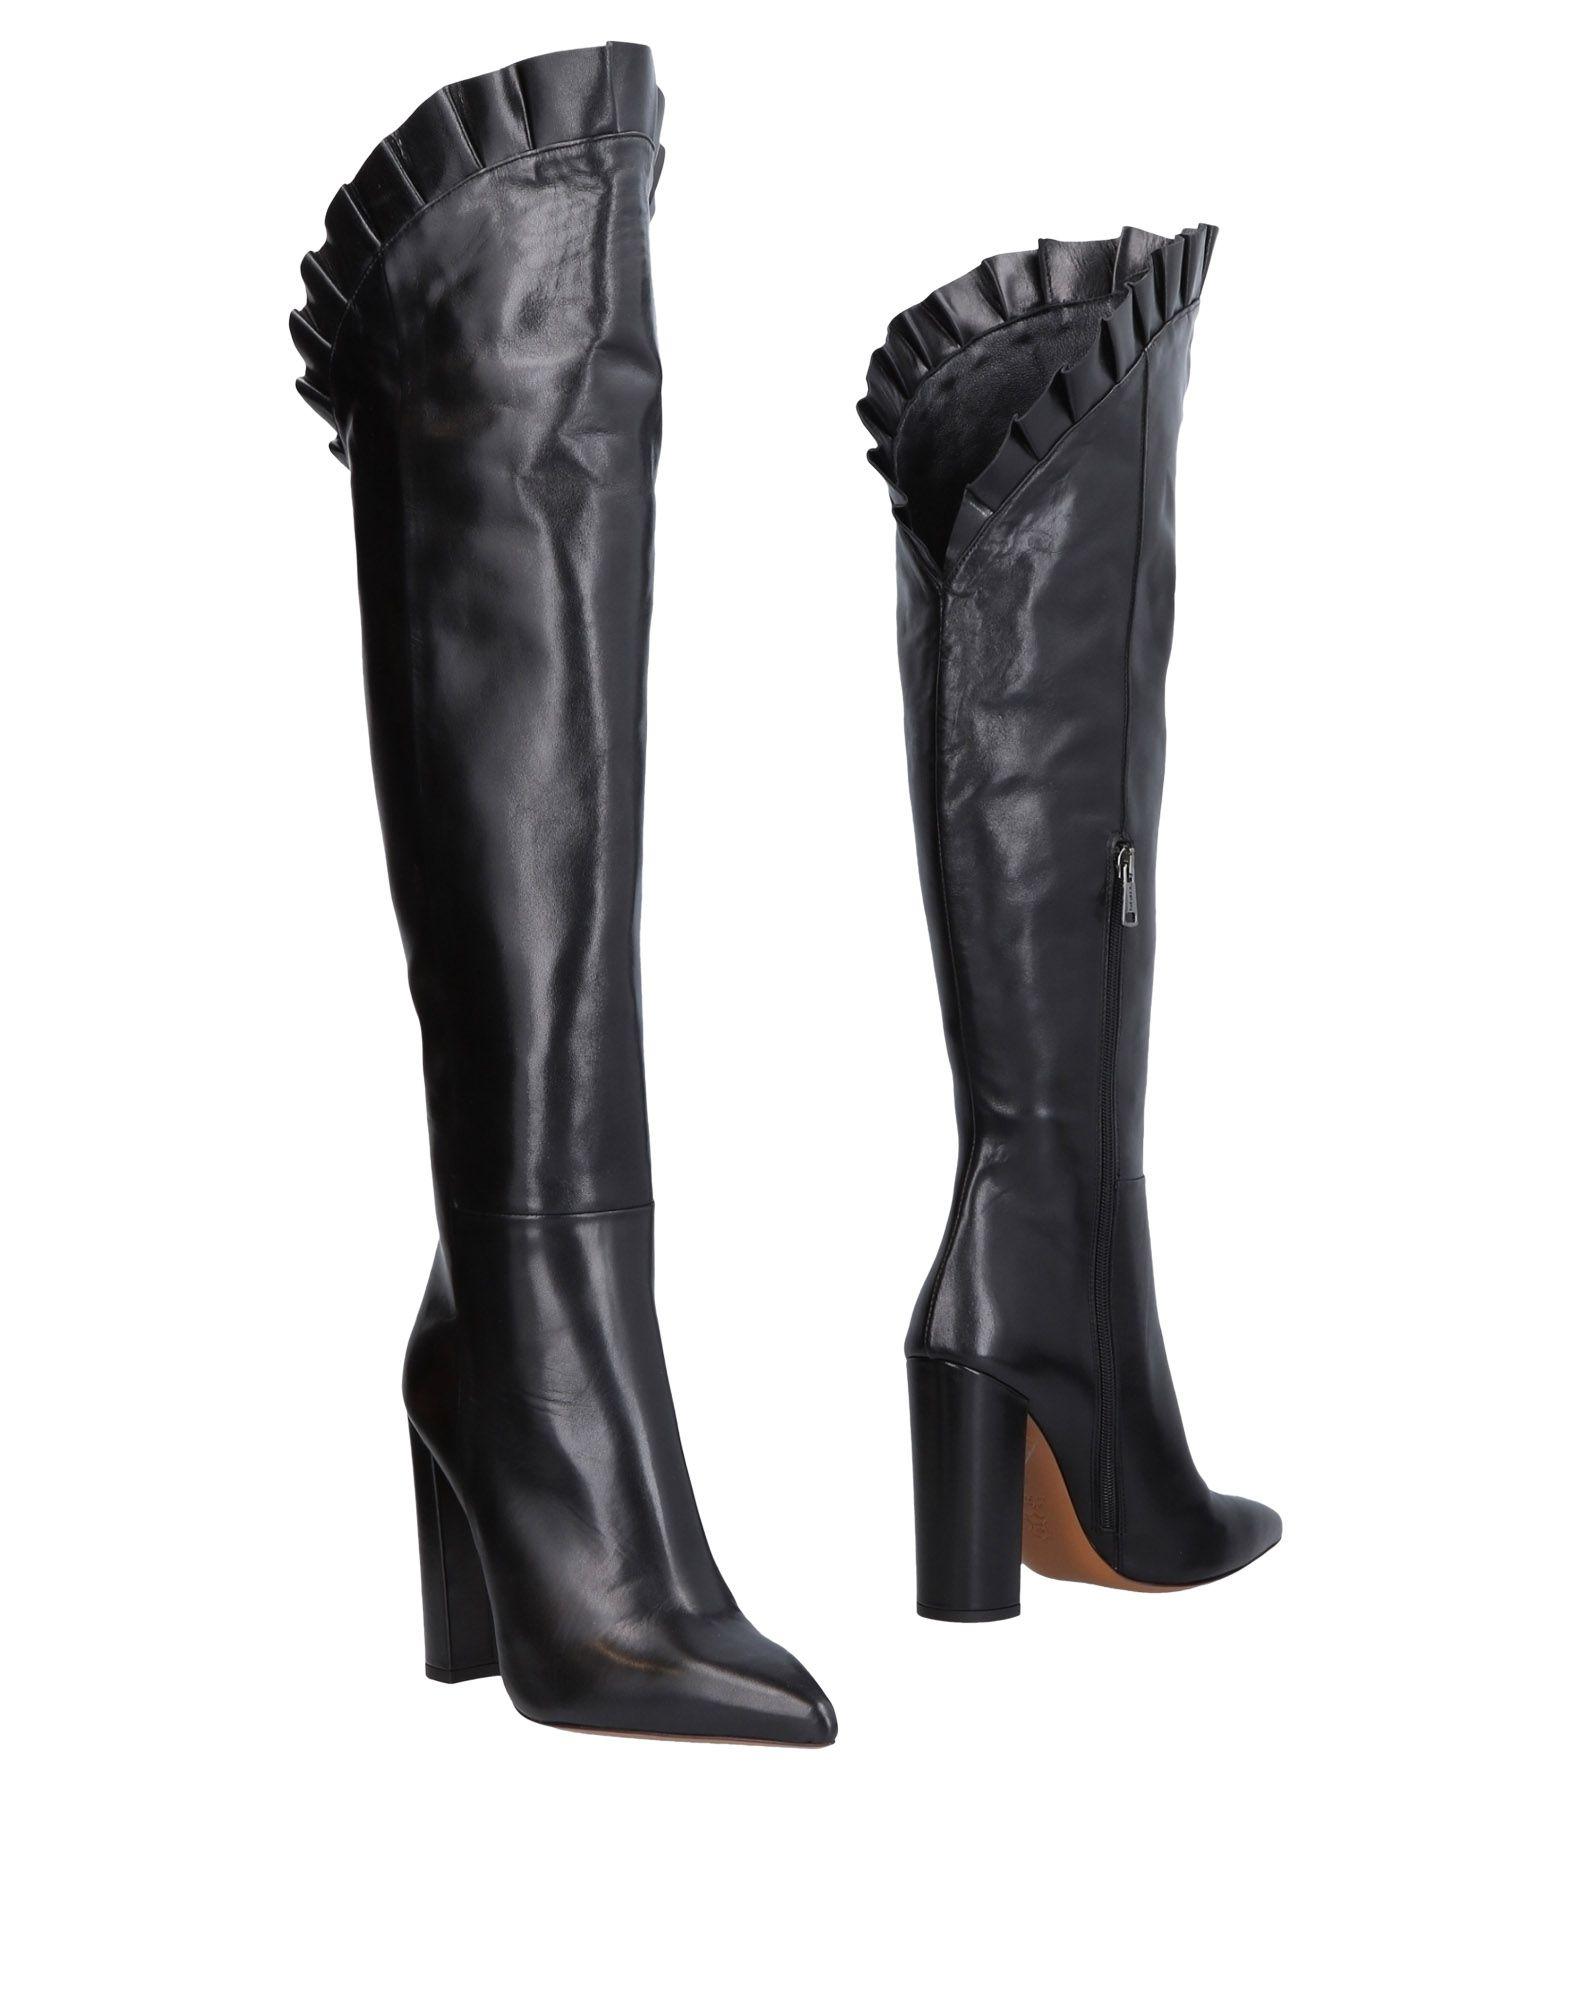 Tiffi Stiefel Damen  11458978WFGut aussehende strapazierfähige Schuhe